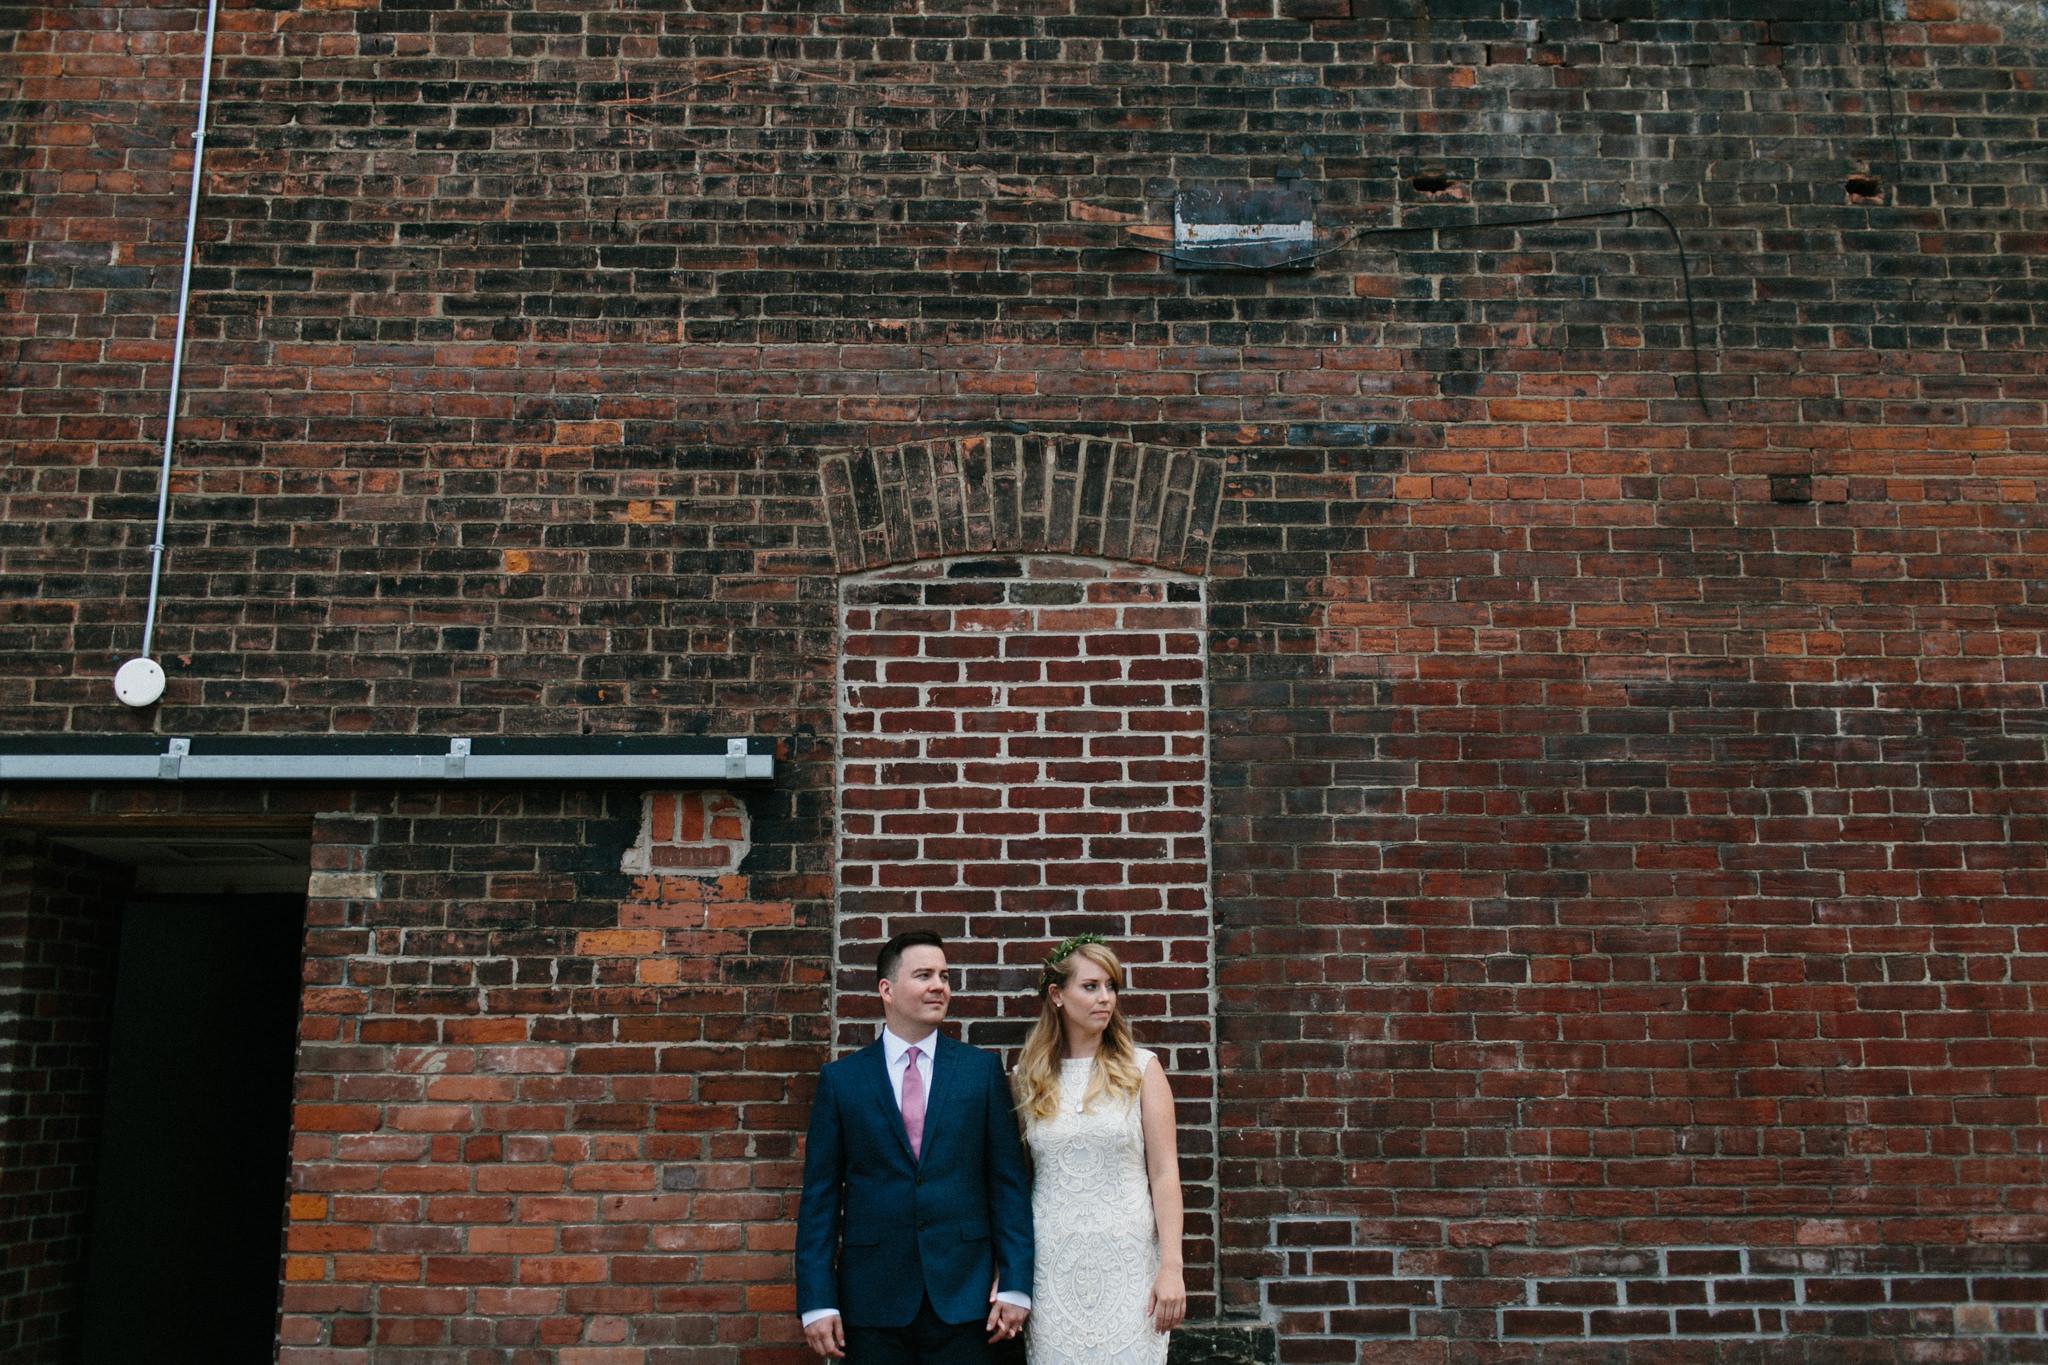 gladstone-hotel-wedding-toronto-52